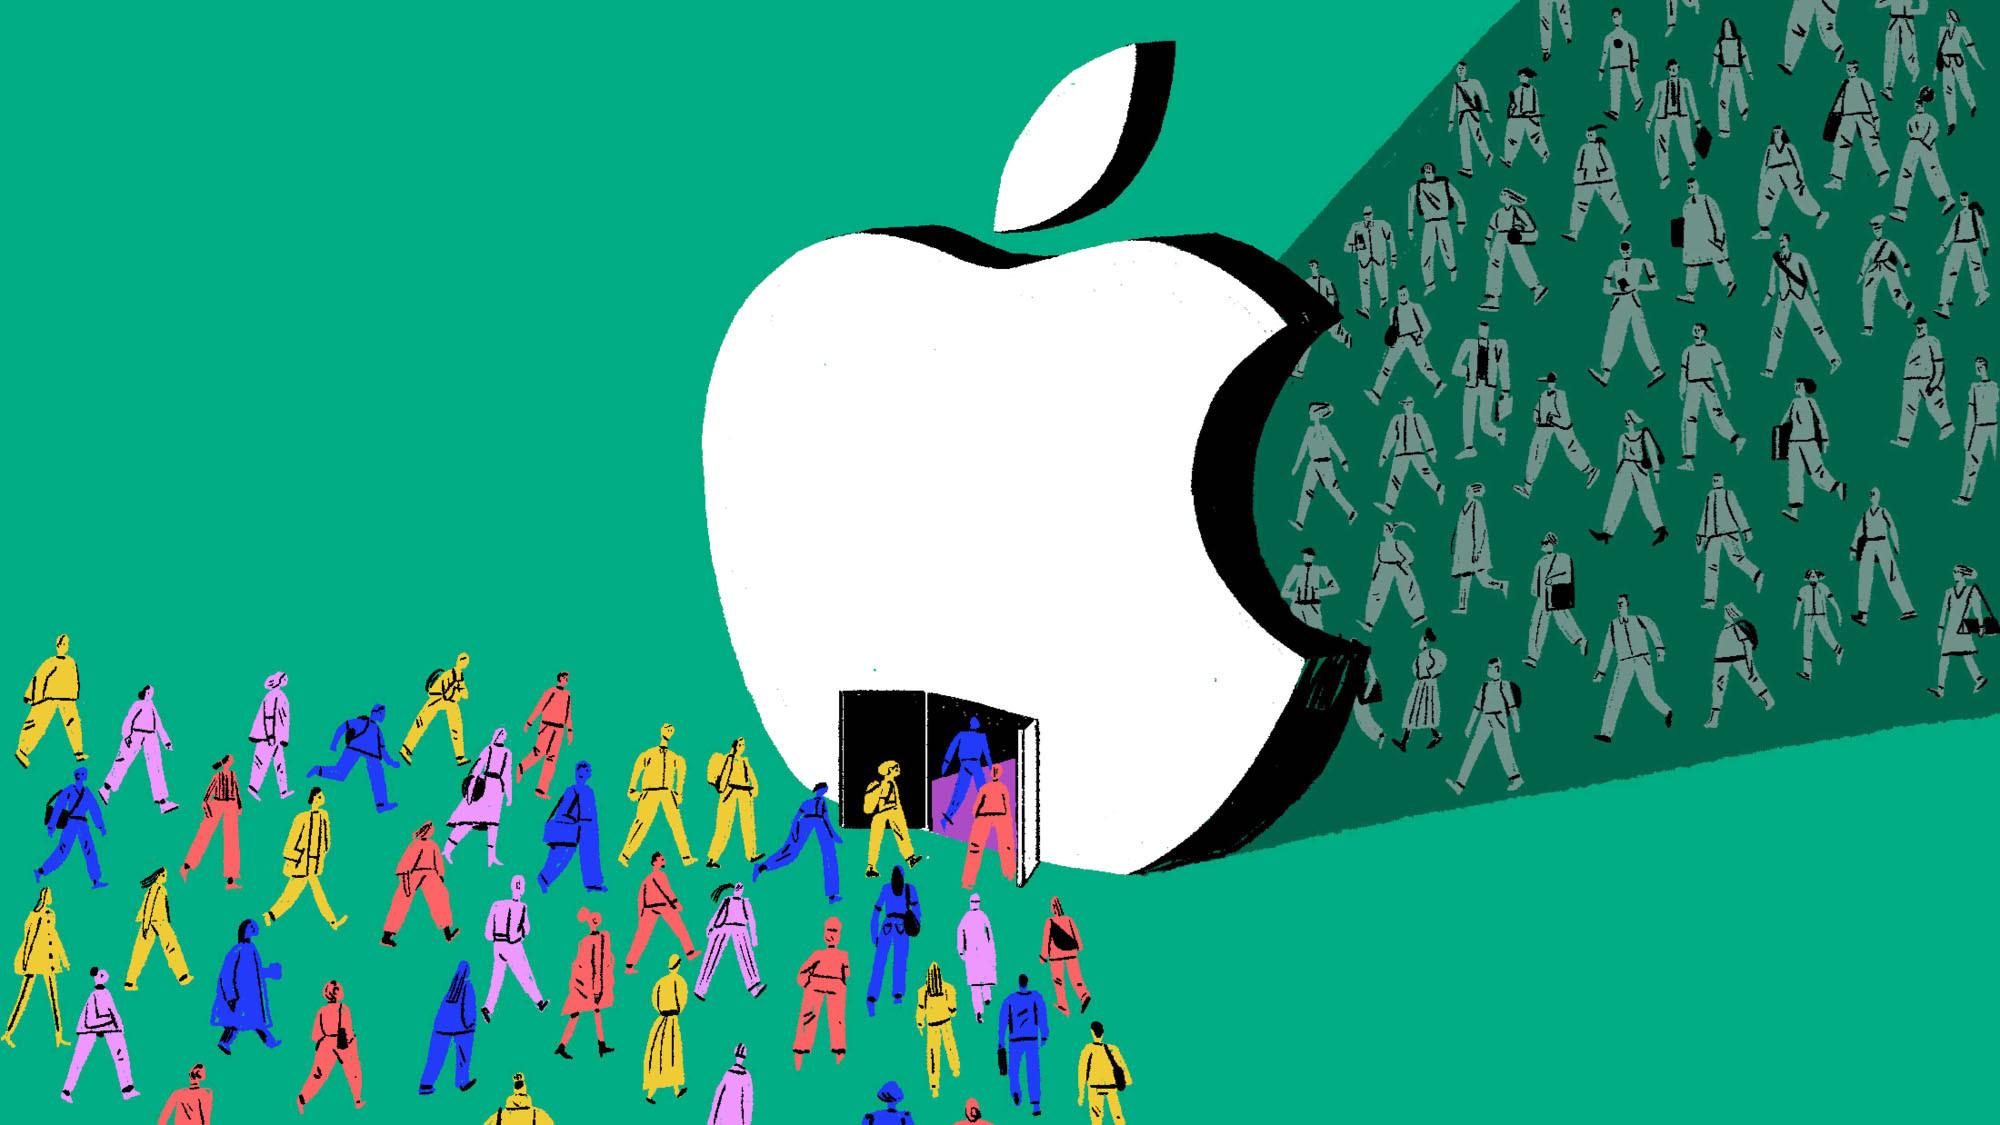 'Căn cứ phụ' của Apple - nơi dìm chết những ước mơ non trẻ Ảnh 4